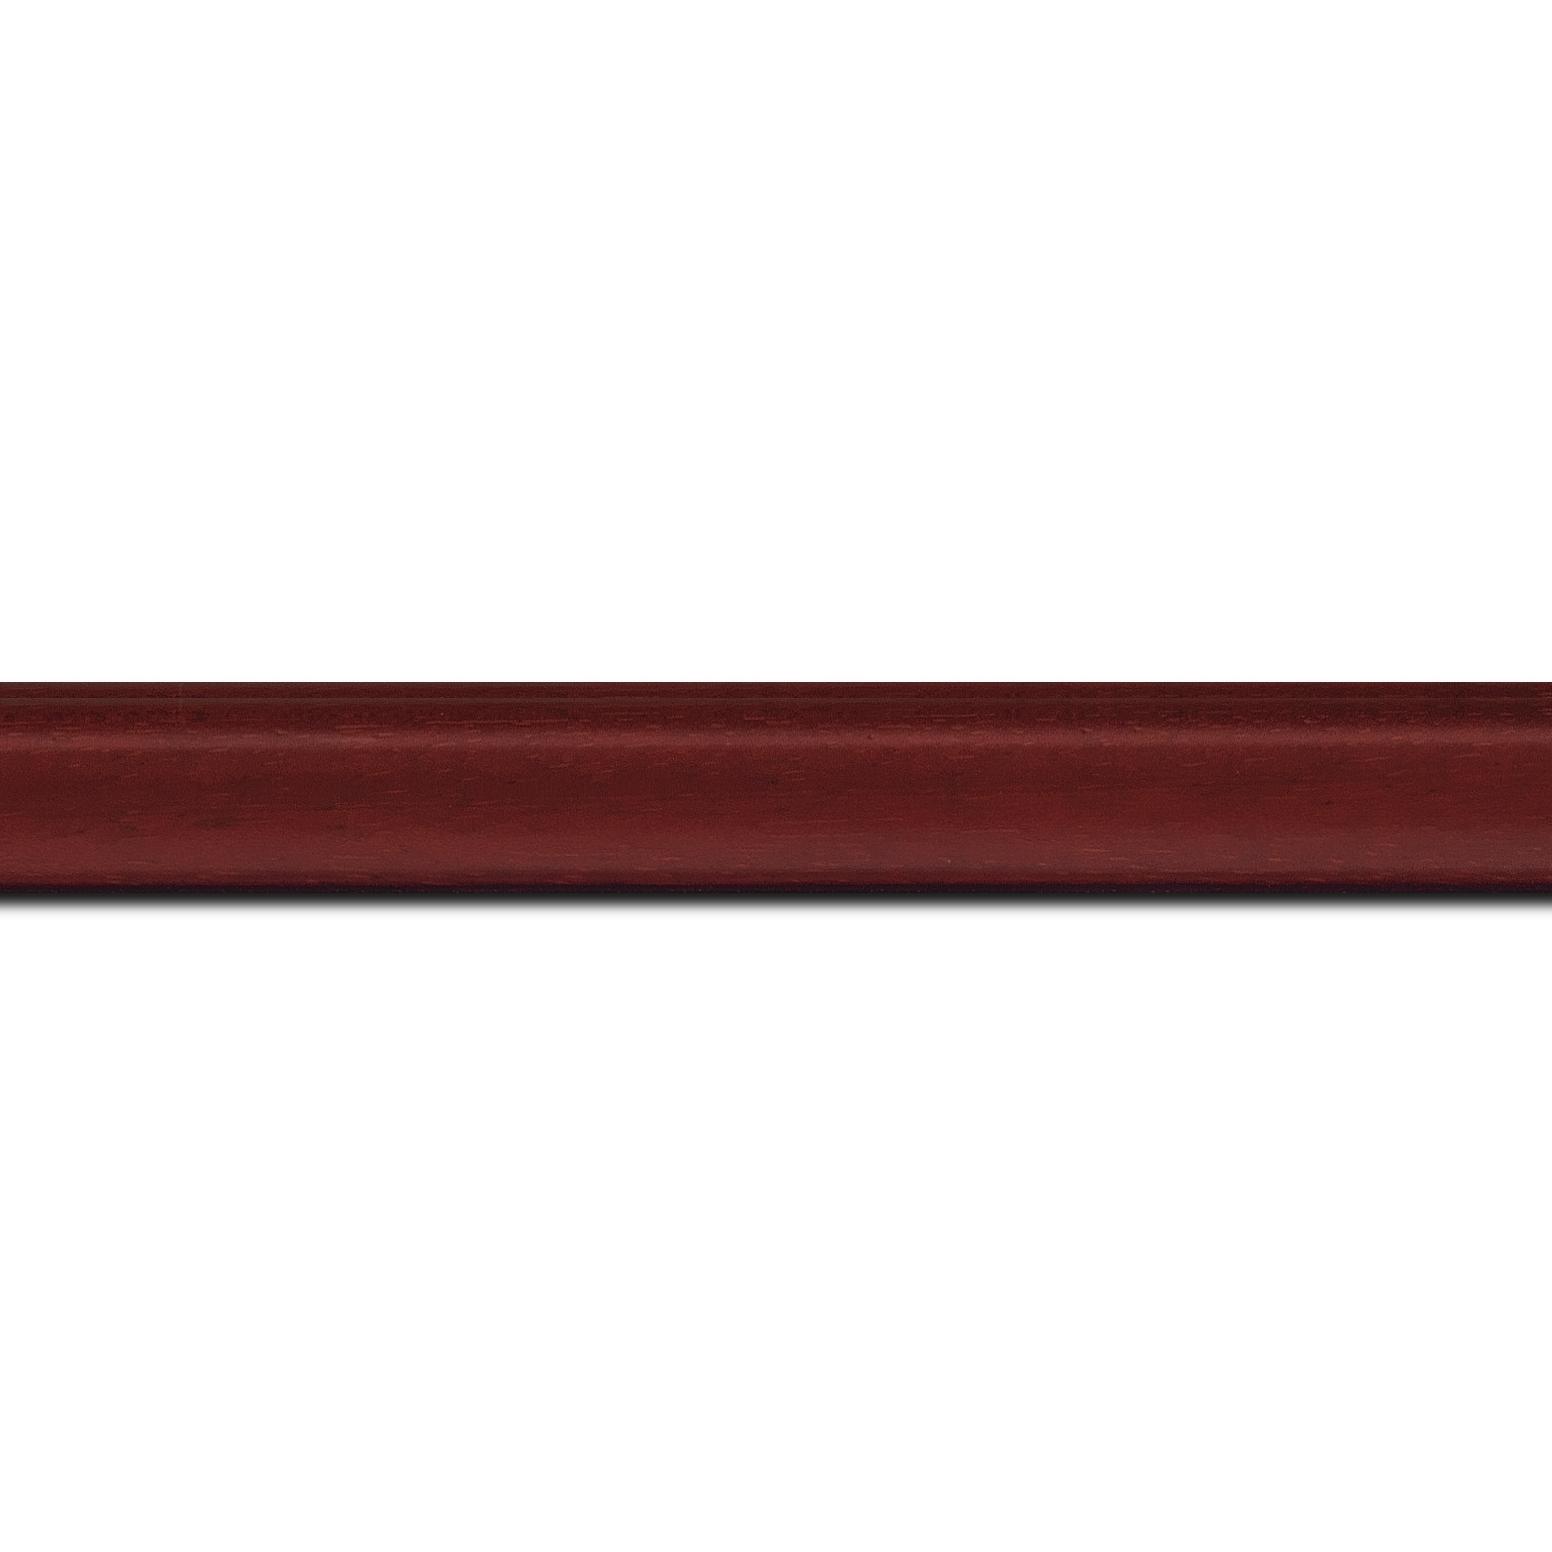 Baguette longueur 1.40m bois profil incurvé largeur 2.1cm couleur bordeaux satiné